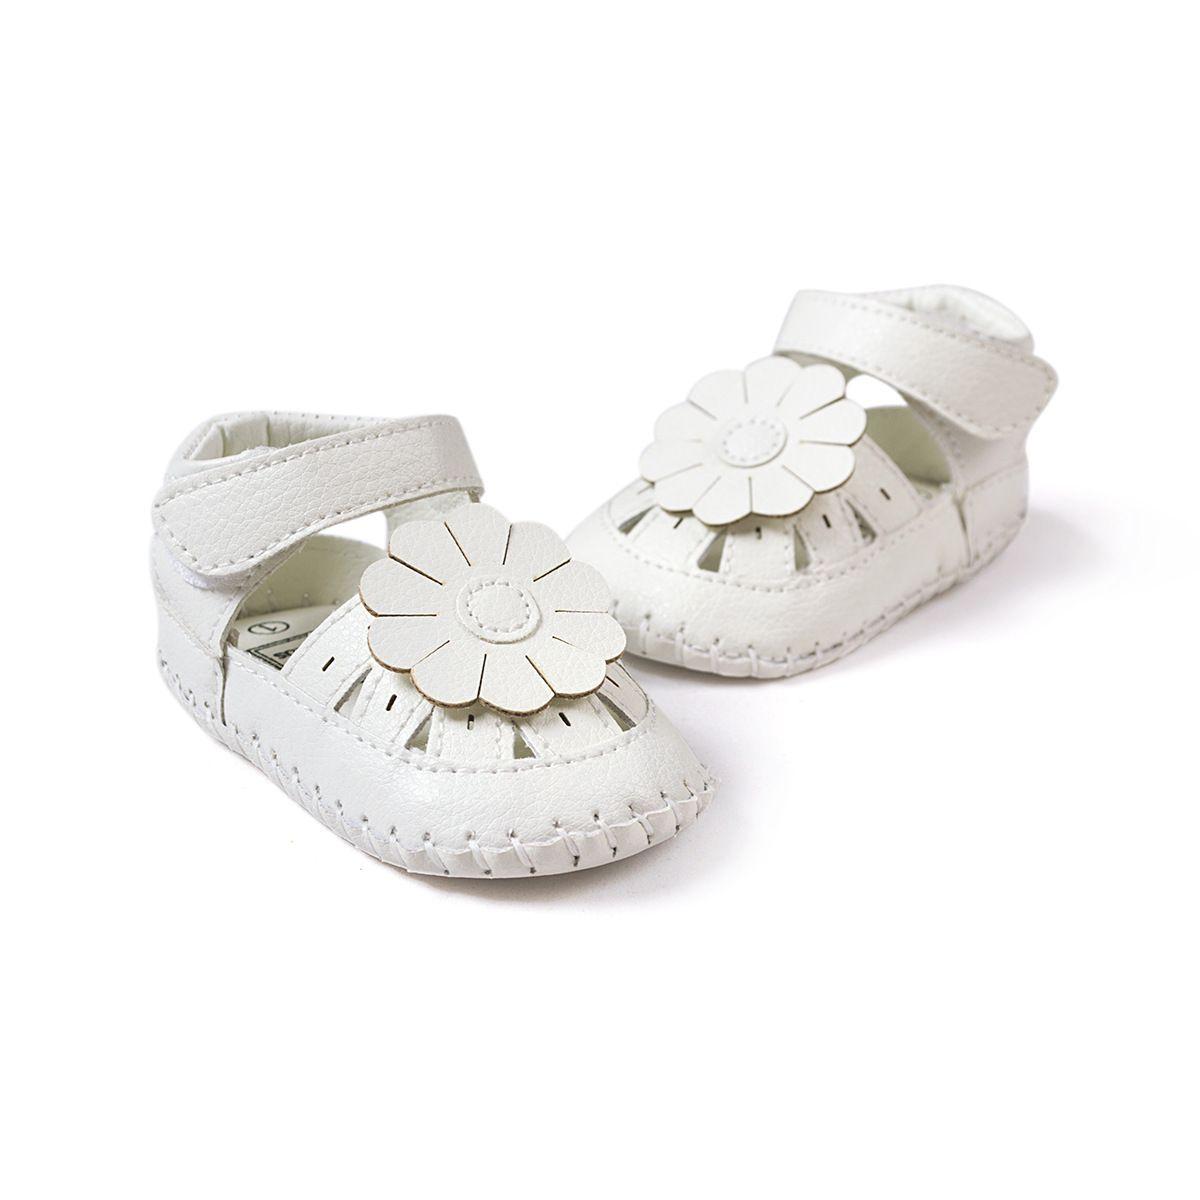 Bebê Primeiros Caminhantes Nova Moda Verão Bebê Gilrs Sandálias Tamancos Branco Plana Com Macio Infantil Criança Kid Sandálias Meninas sapatos de Bebê 0-24 meses